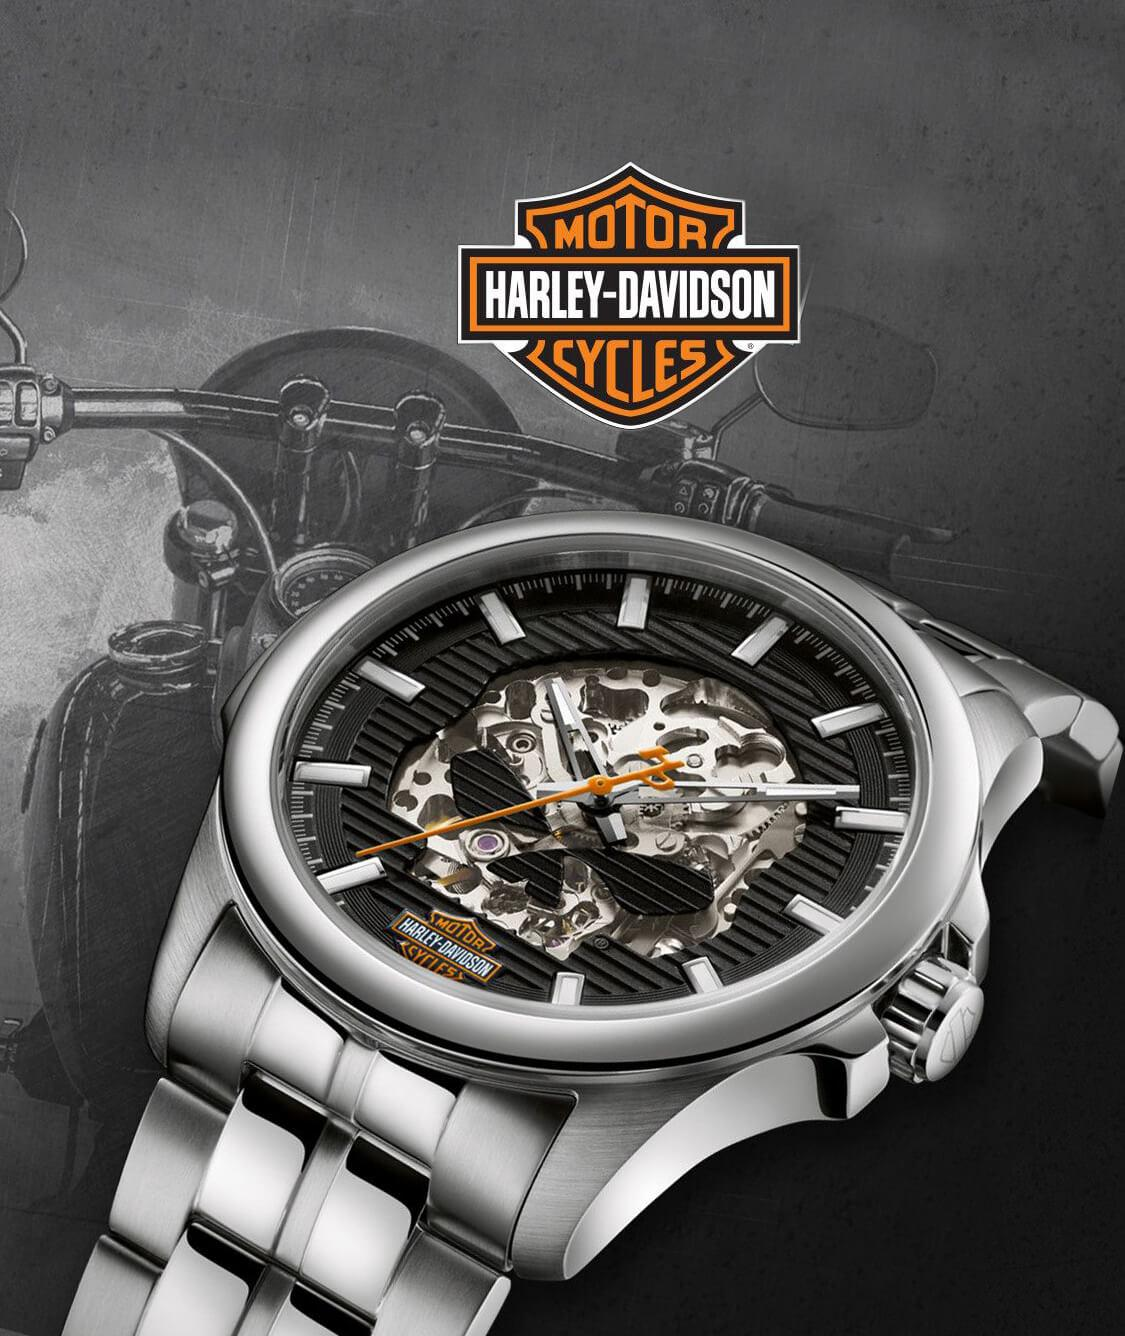 Harley Davidsson - американский производитель мотоциклов и аксессуаров